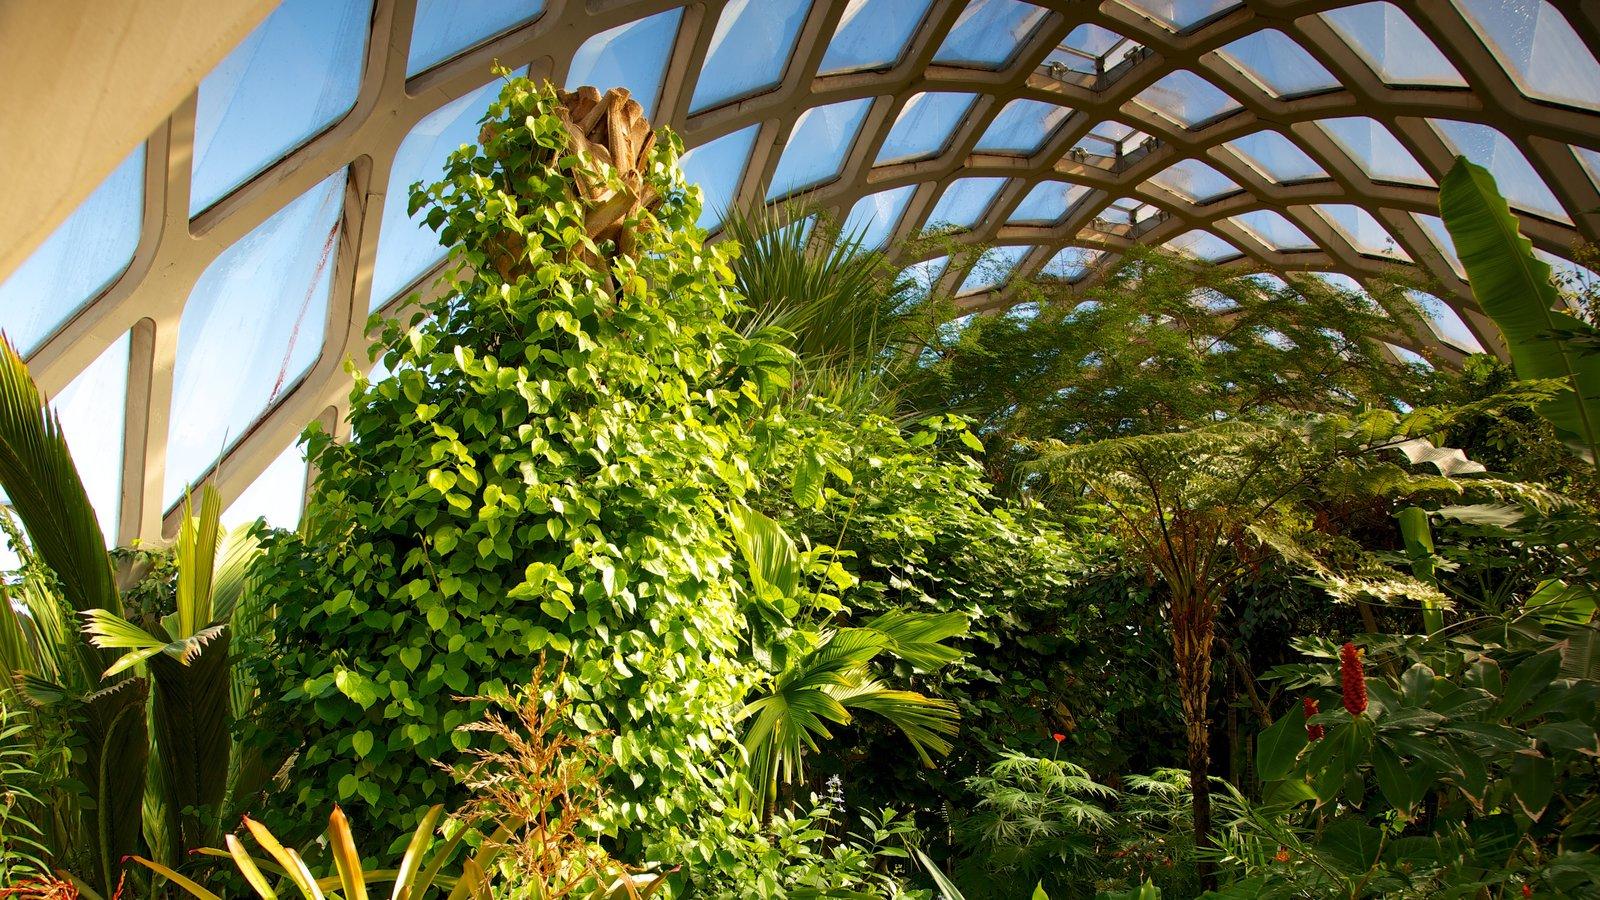 Jardim Botânico de Denver mostrando um parque e vistas internas